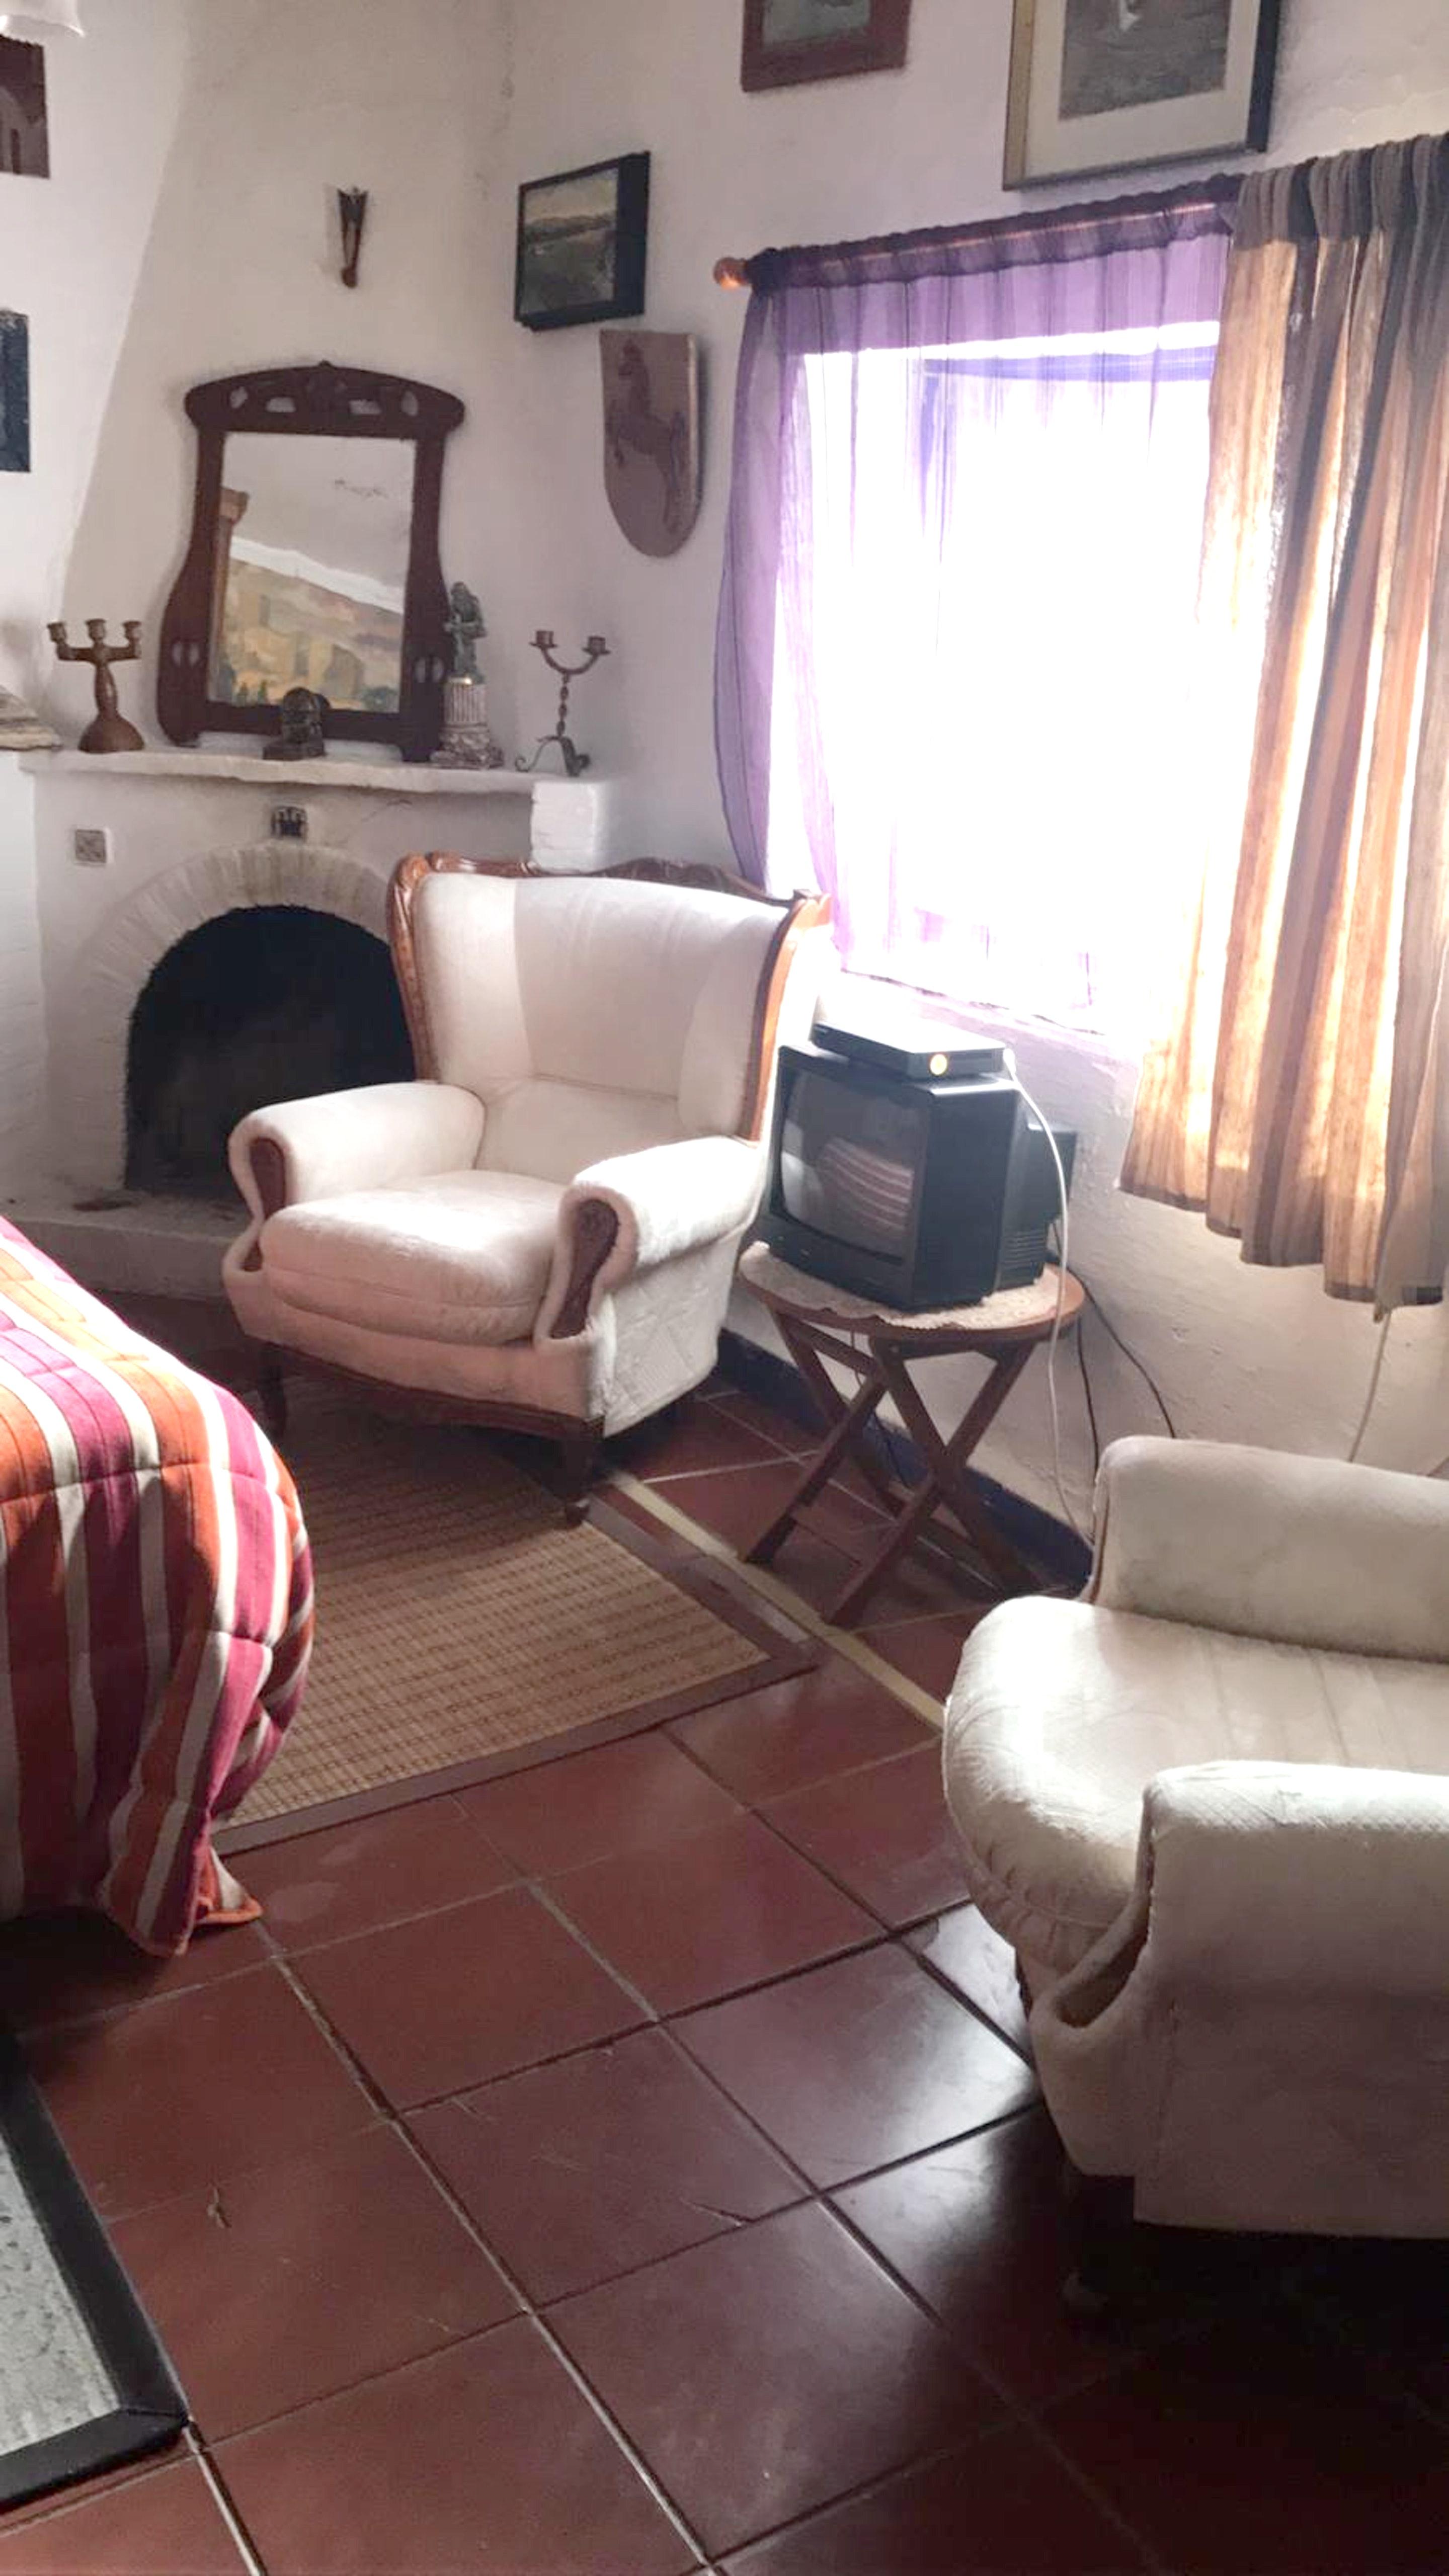 Ferienhaus Haus mit 7 Schlafzimmern in Burguillos de Toledo mit privatem Pool und eingezäuntem Garten (2299203), Burguillos de Toledo, Toledo, Kastilien-La Mancha, Spanien, Bild 3